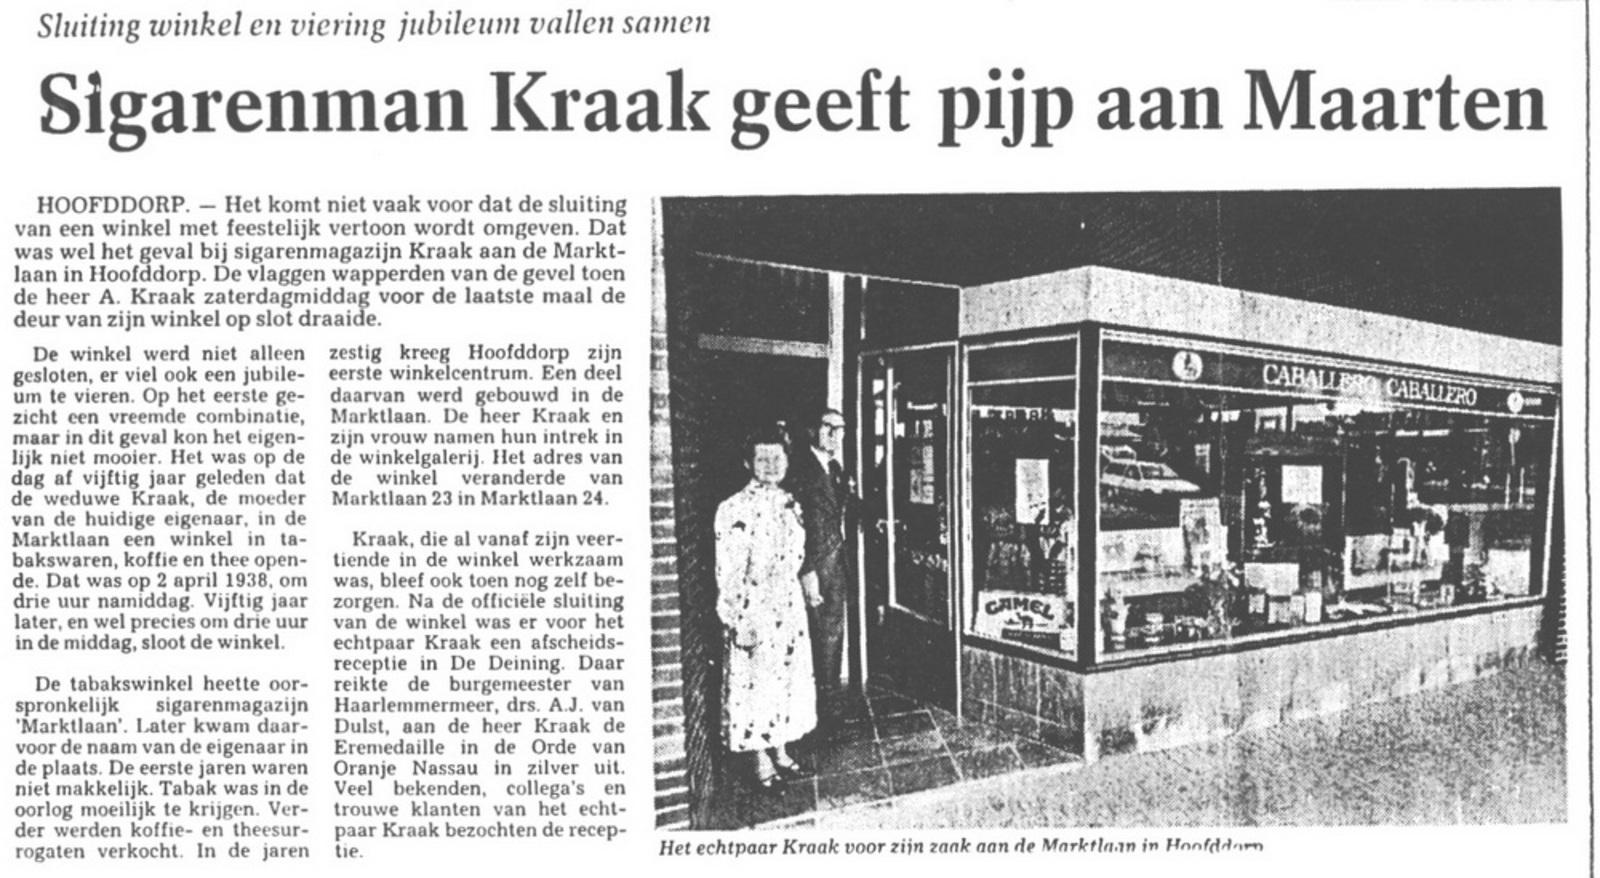 Marktlaan O 0022 1988 Sigarenboer Kraak 50jr Jub en Sluiting 03